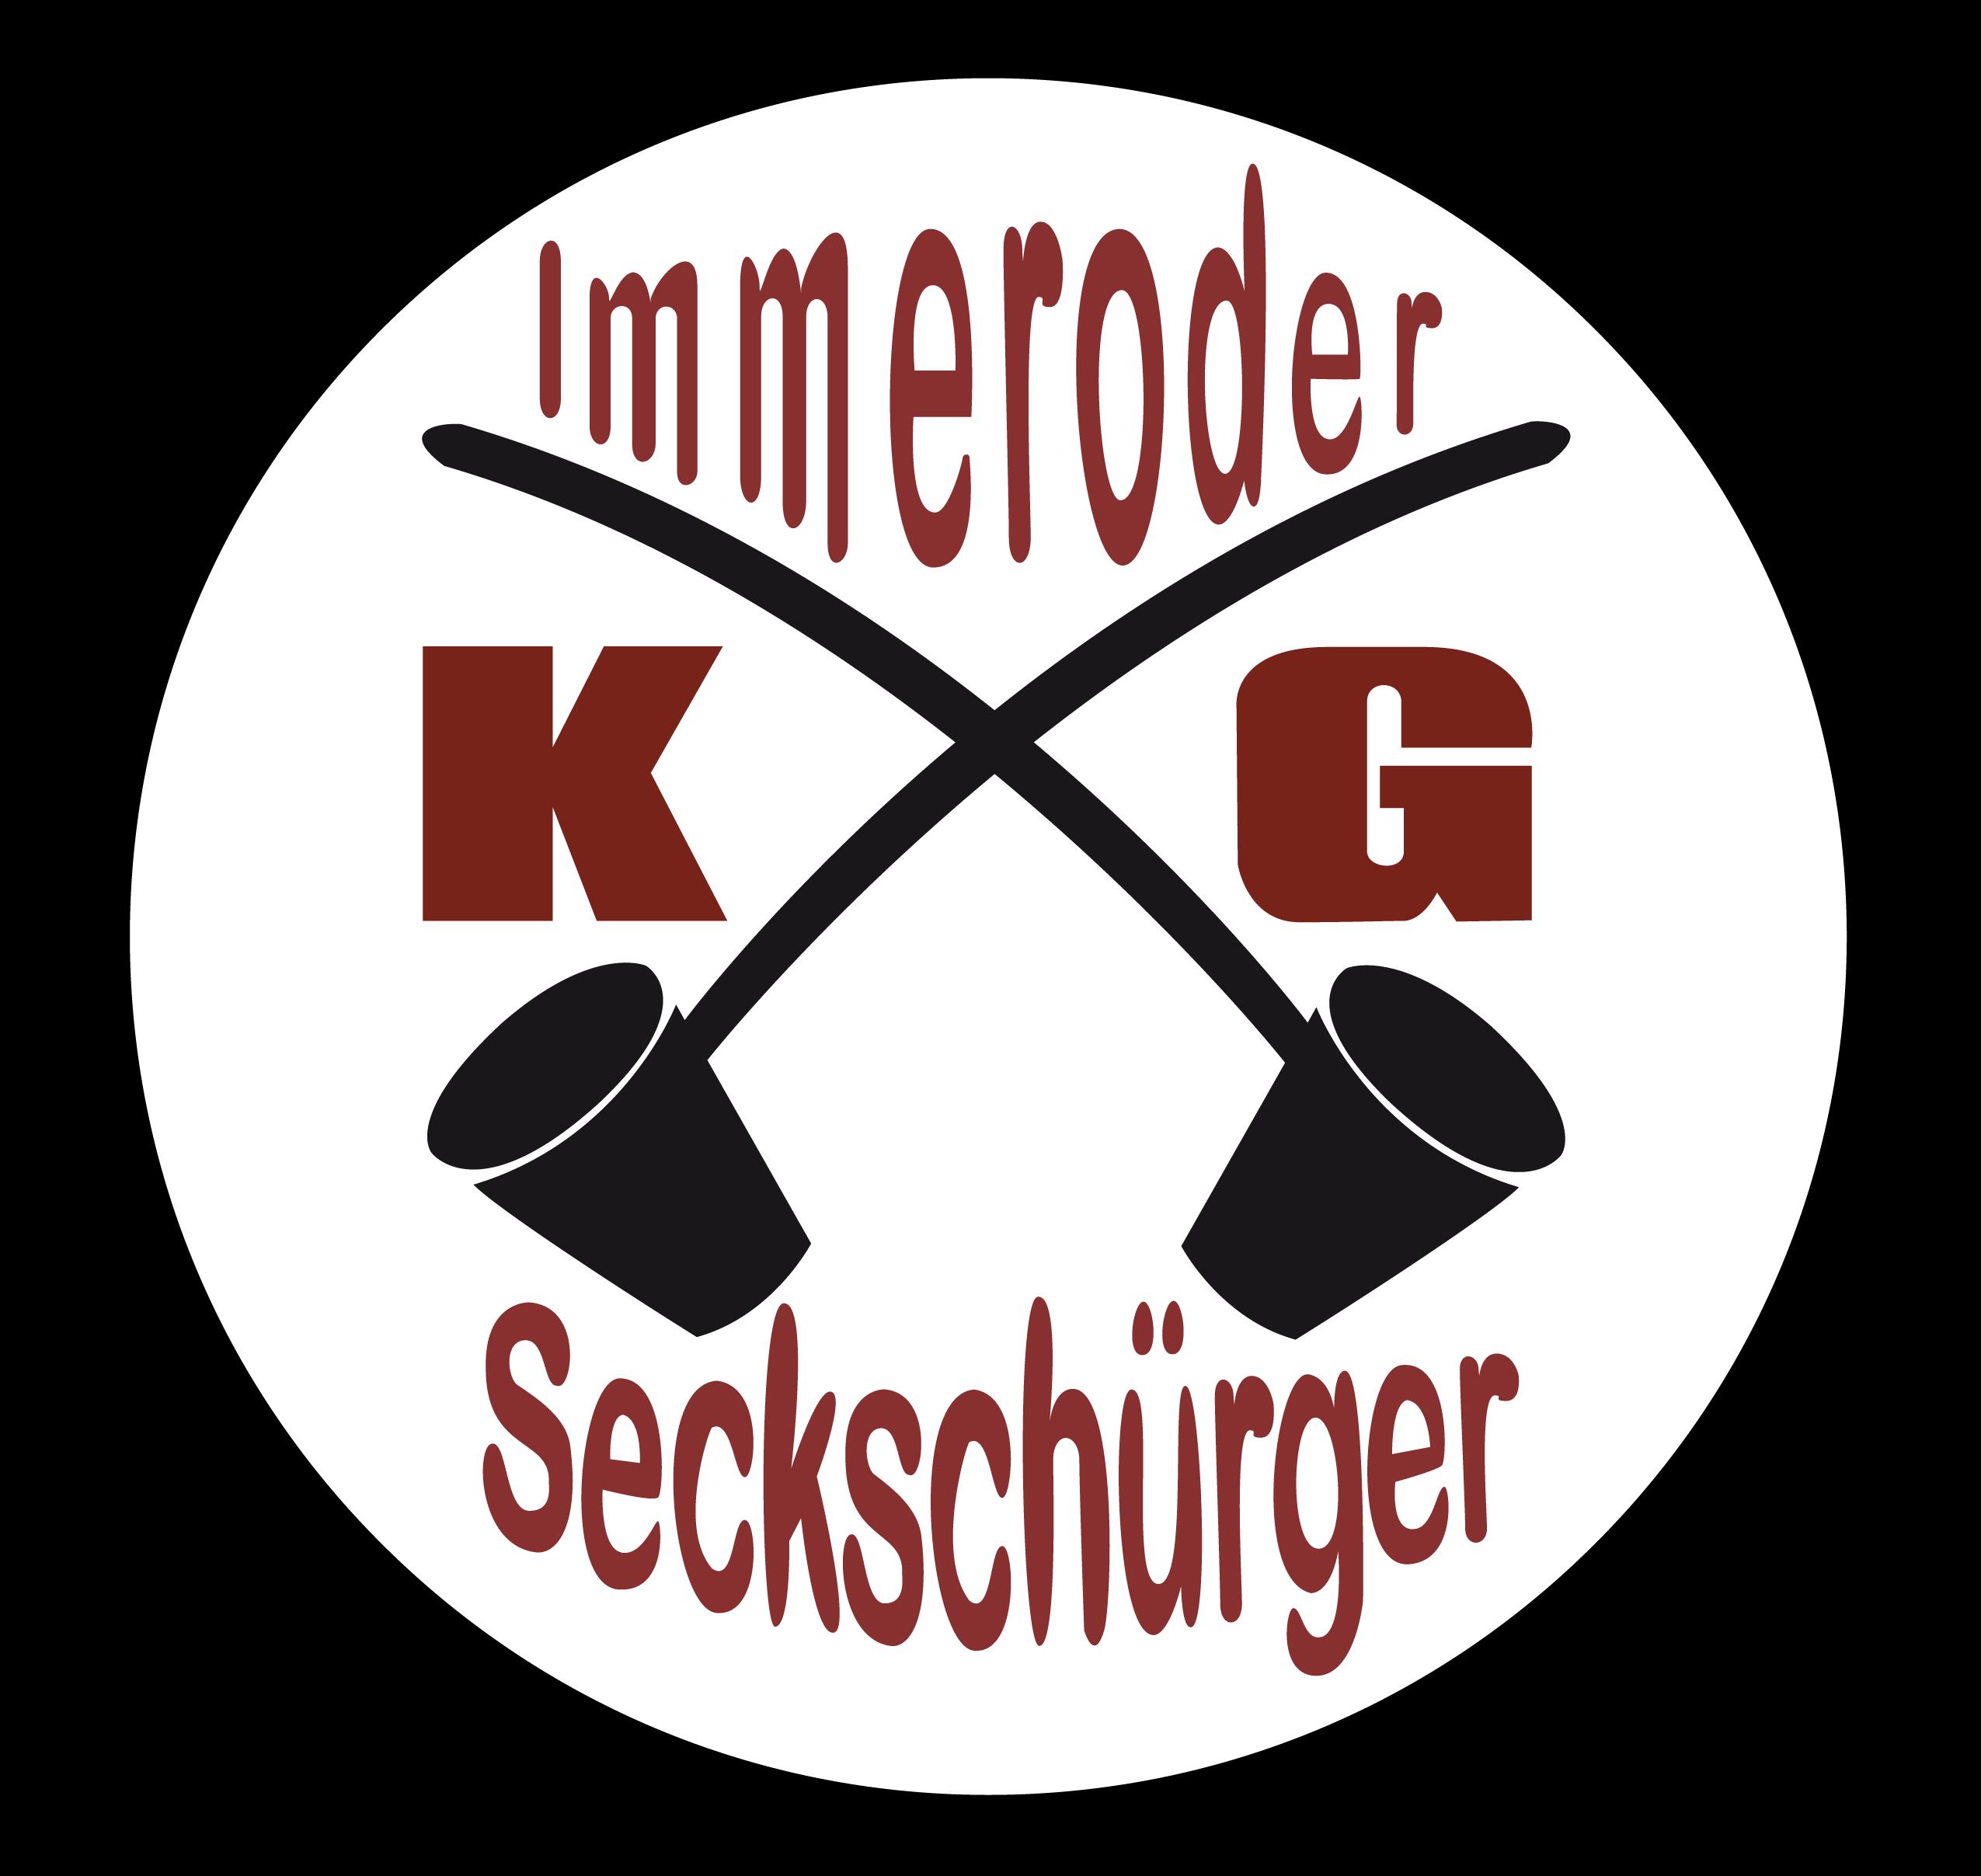 KG Immeroder Seckschürger